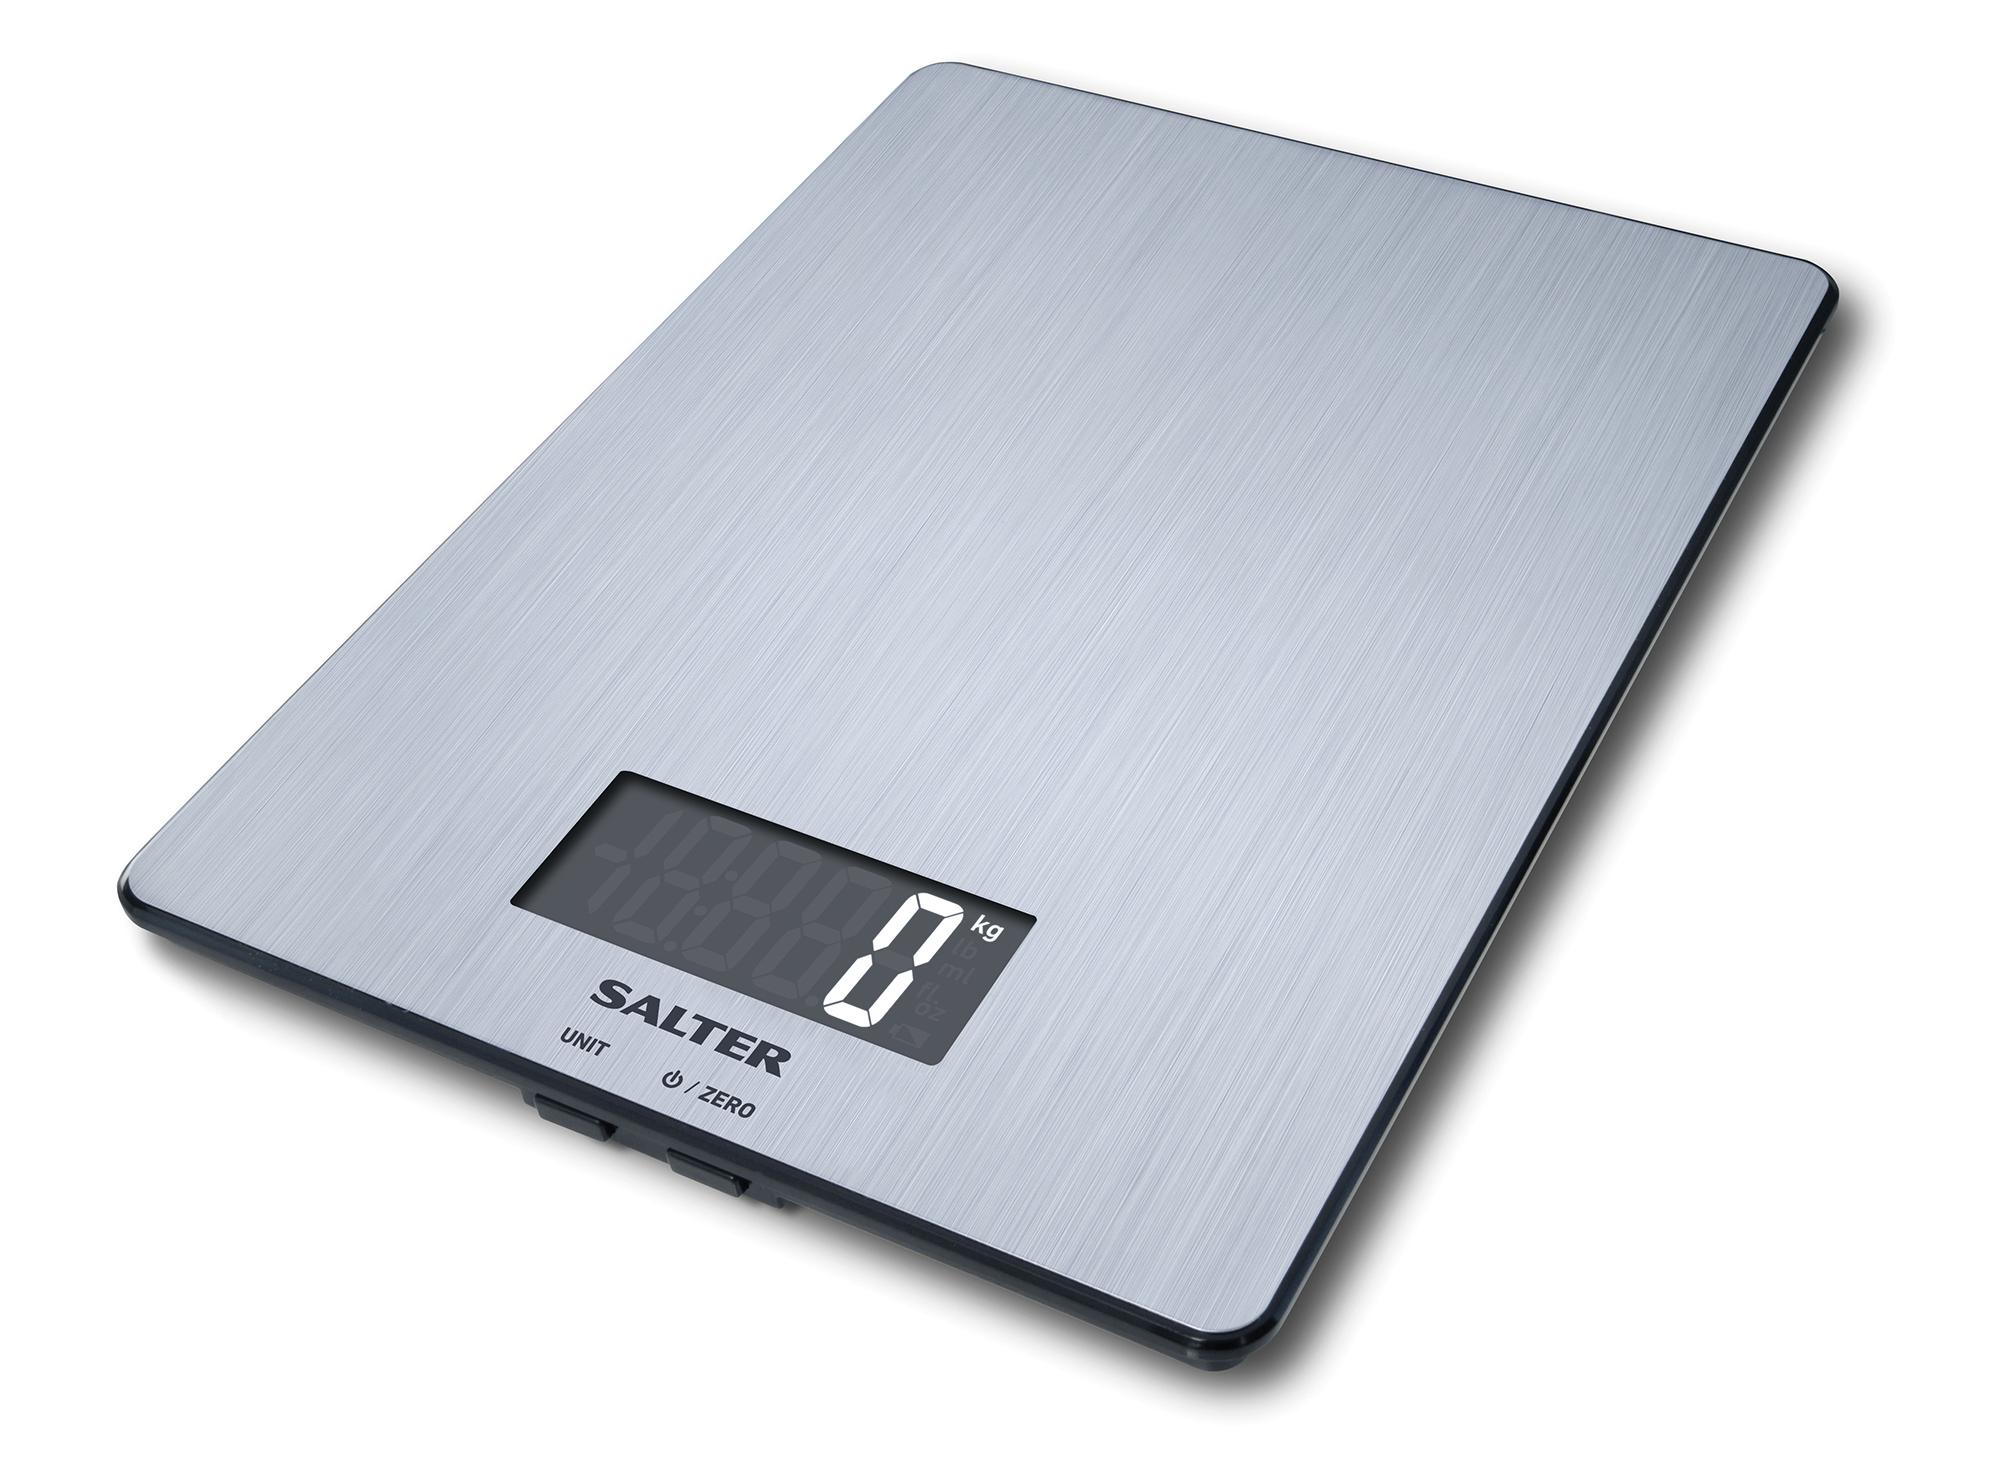 Salter 5kg Slimline Electronic Digital Kitchen Scales